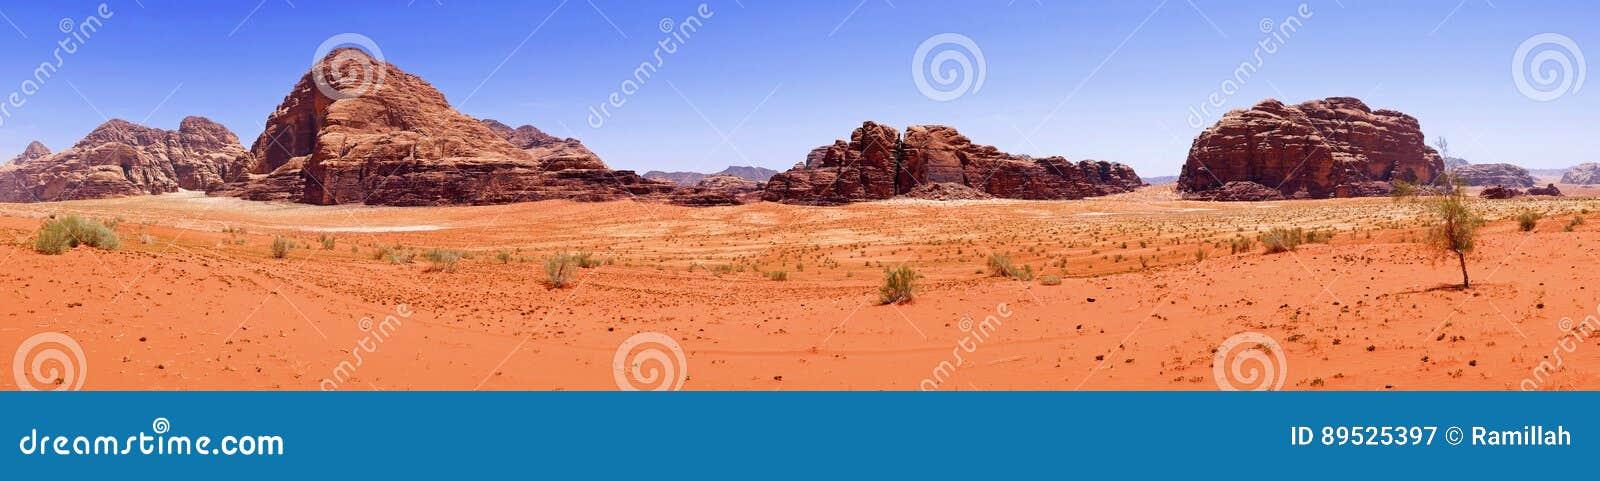 Désert rouge scénique de sable de vue panoramique de beau paysage et paysage antique de montagnes de grès en Wadi Rum, Jordanie